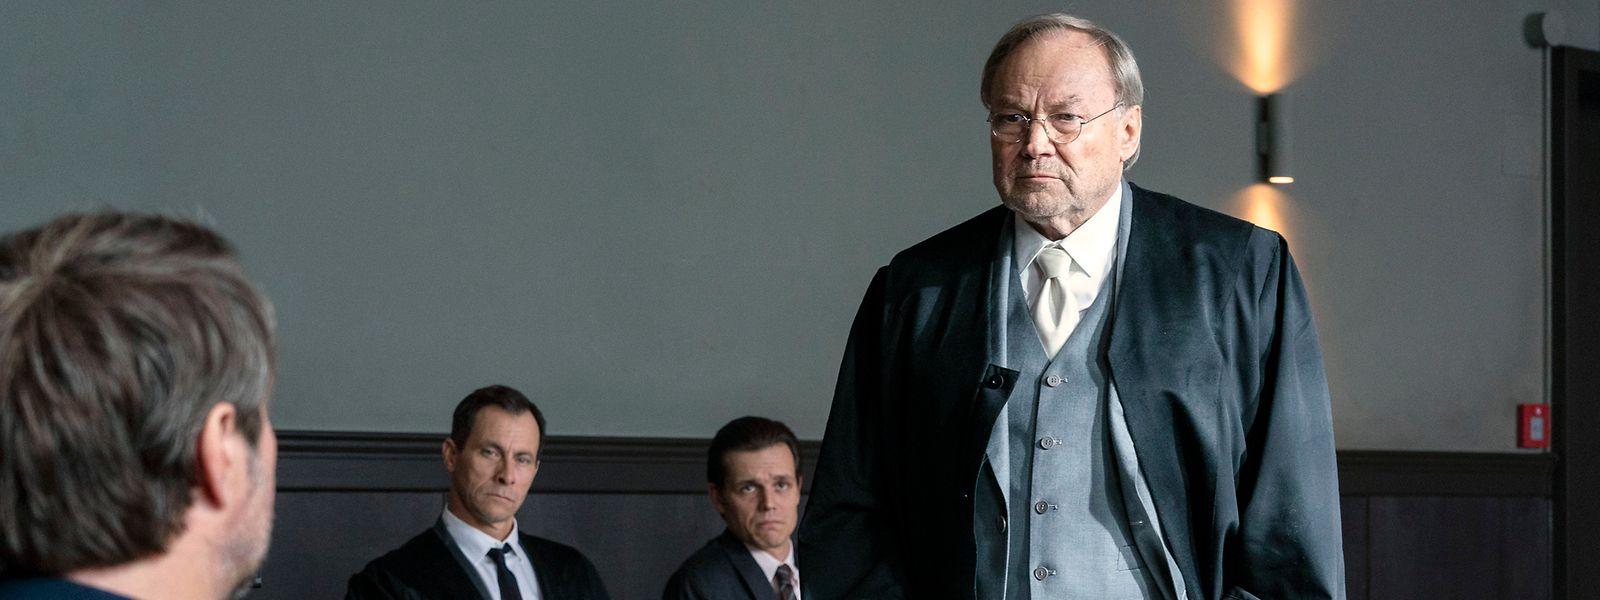 Strafverteidiger Biegler (Klaus Maria Brandauer, r.) befragt Kommissar Nadler (Bjarne Mädel, l.). Er und sein Assistent (Marc Hosemann, 2. v. l.) möchten einen Freispruch für Kelz (Franz Hartwig, 2. v. r.).